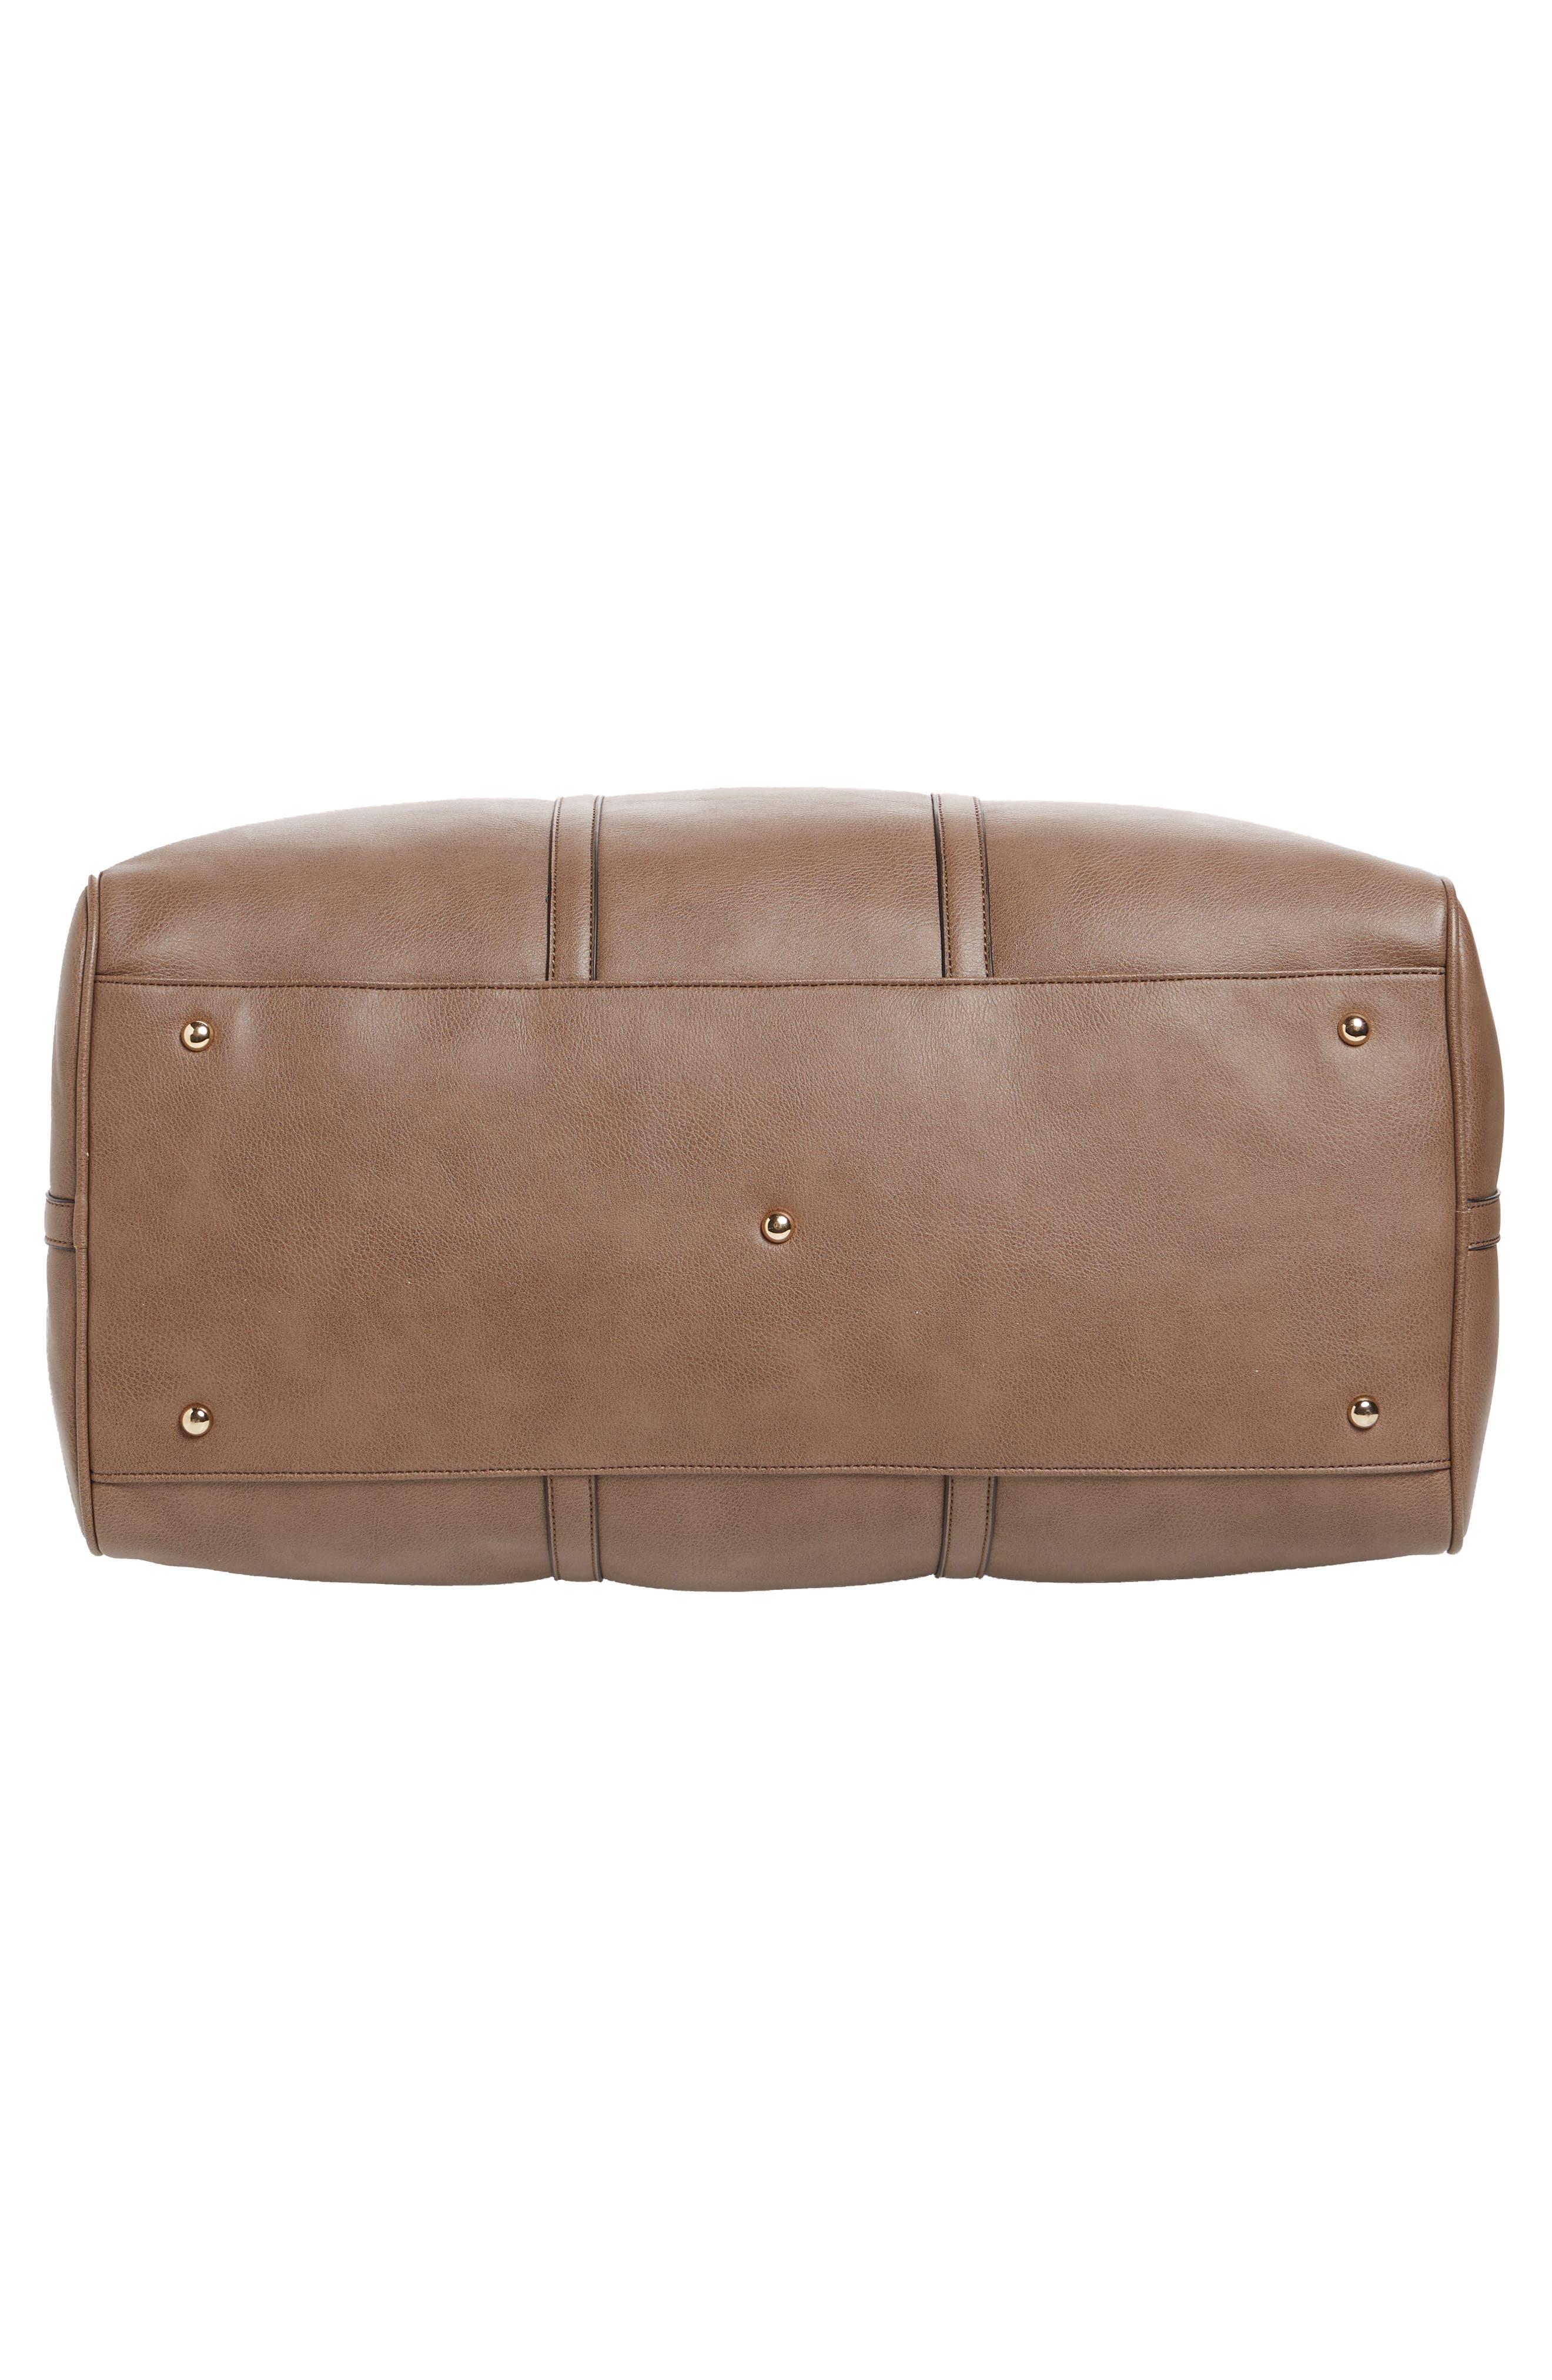 'Lacie' Faux Leather Duffel Bag,                             Alternate thumbnail 6, color,                             022